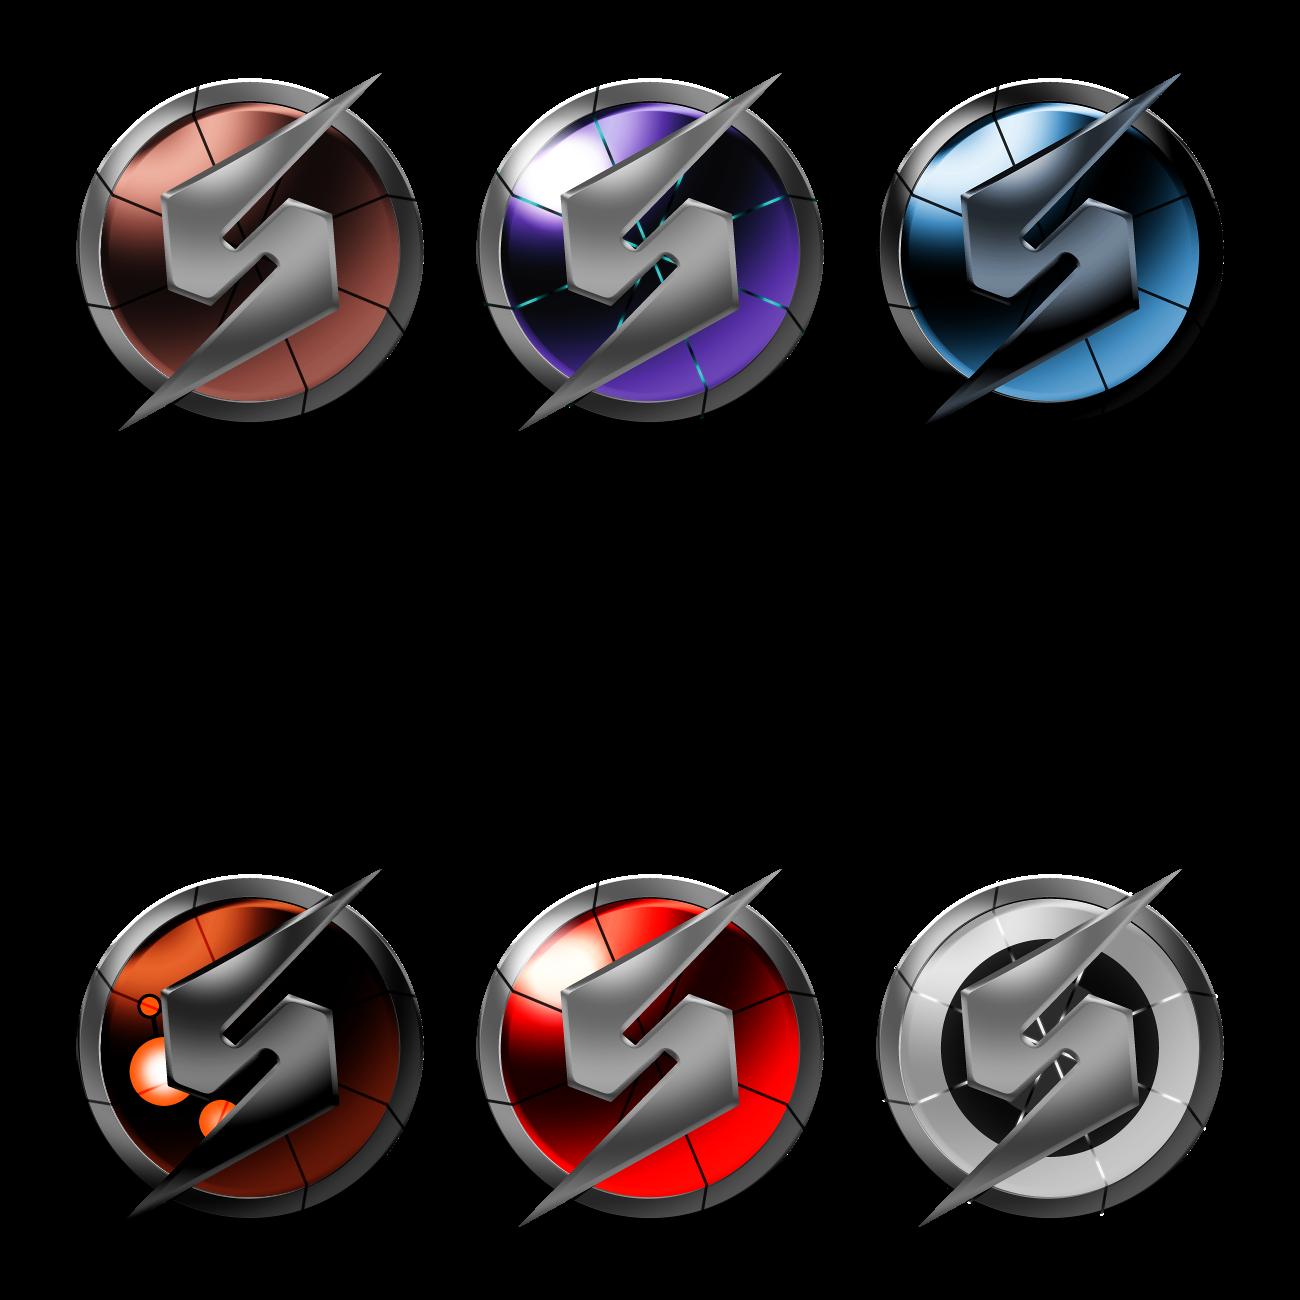 The Samus Metroid Emblem